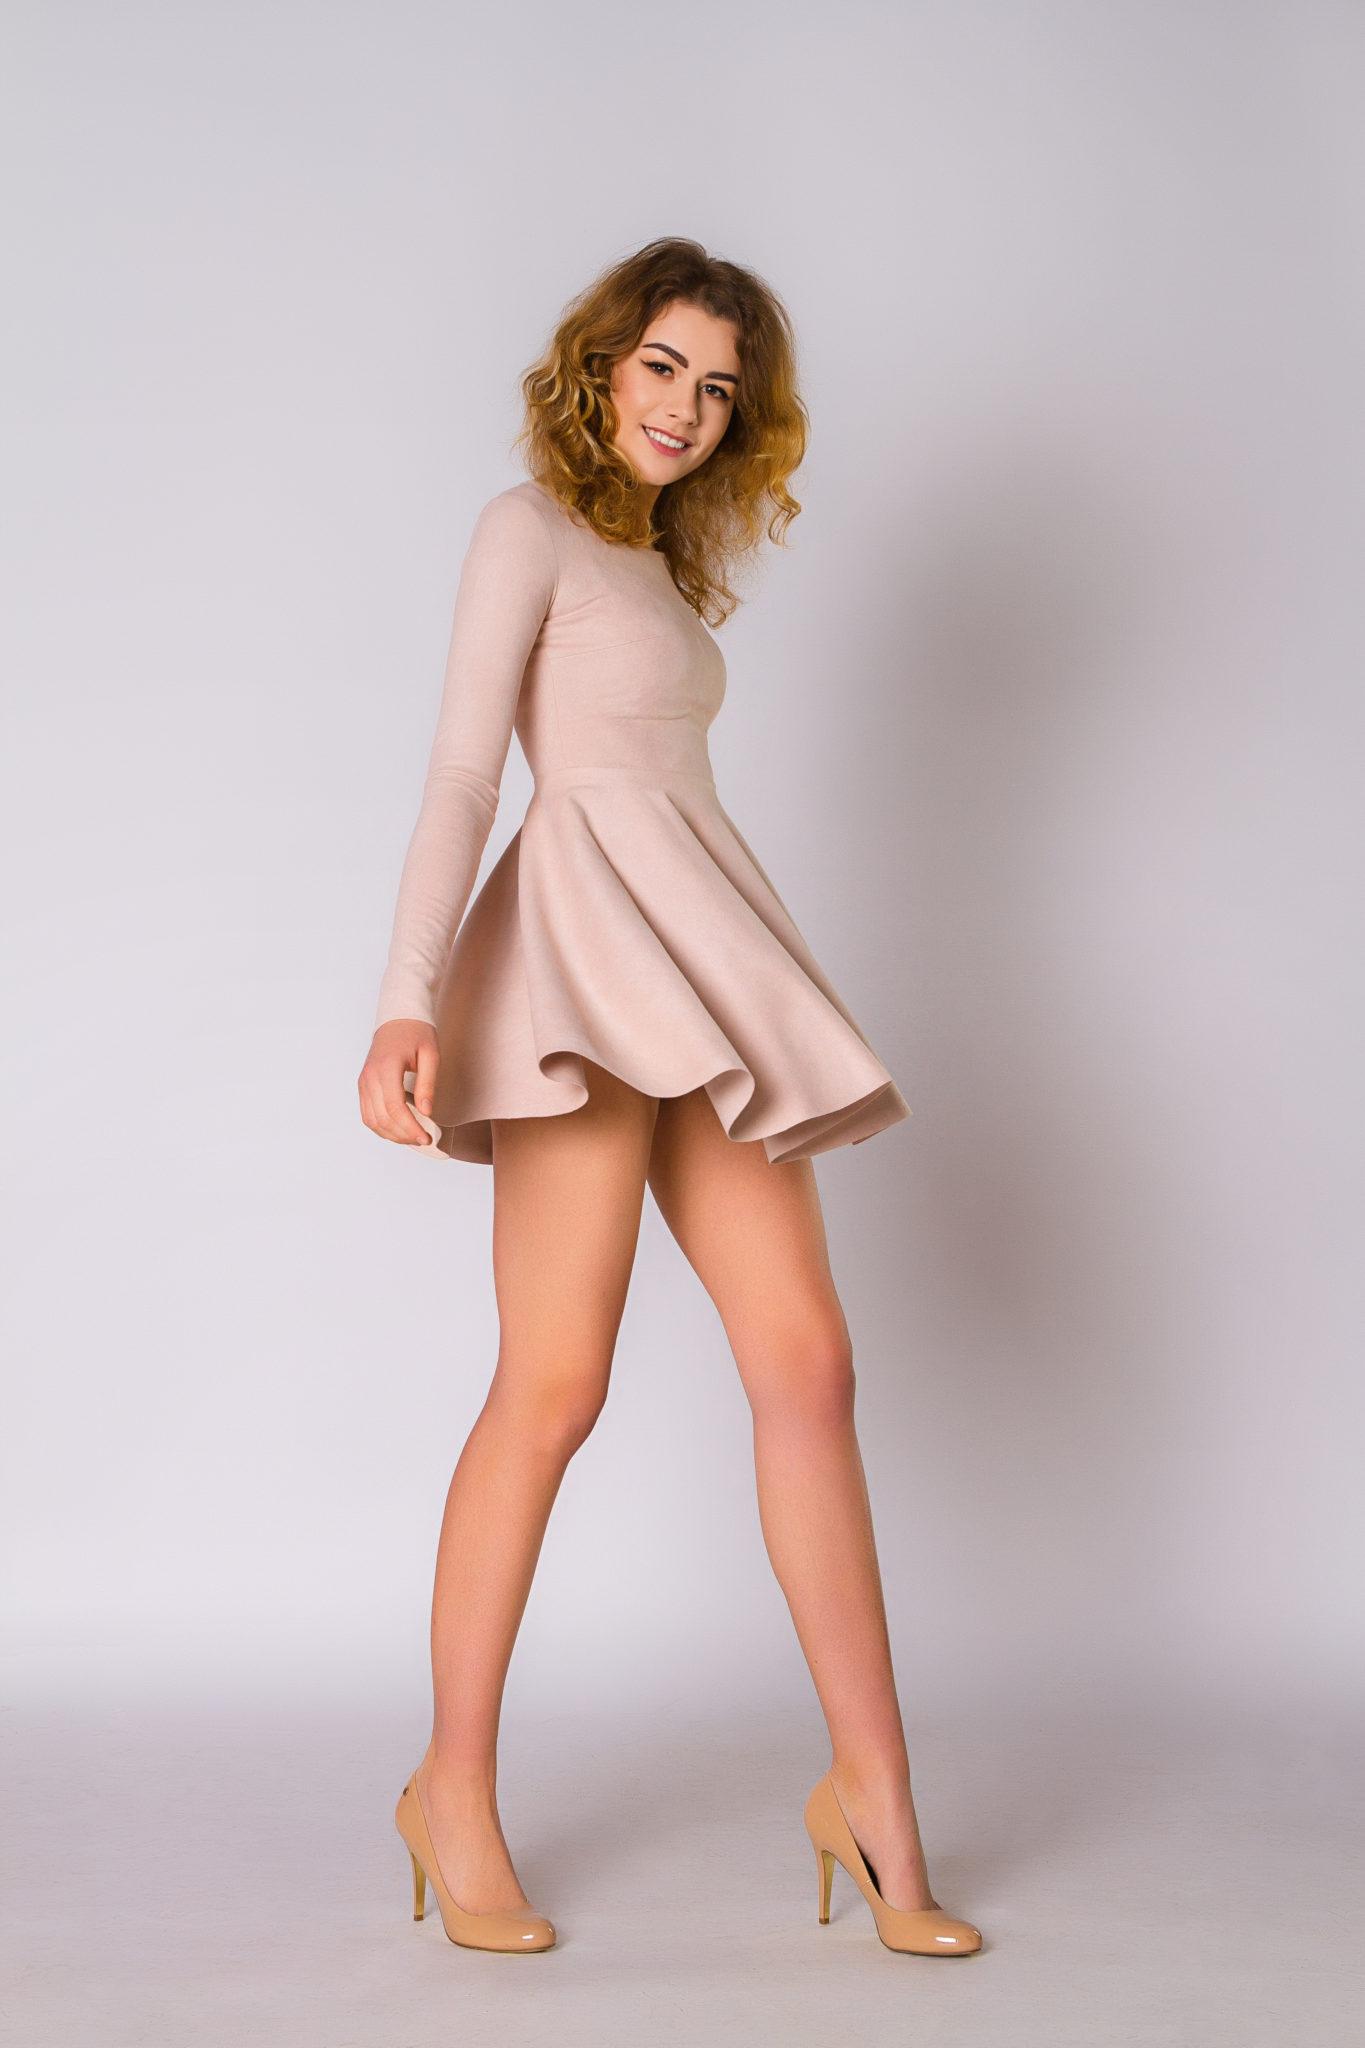 Lookbook портфолио фотостудии Frontpage Постникова Алиса, модель Полищук Юлия